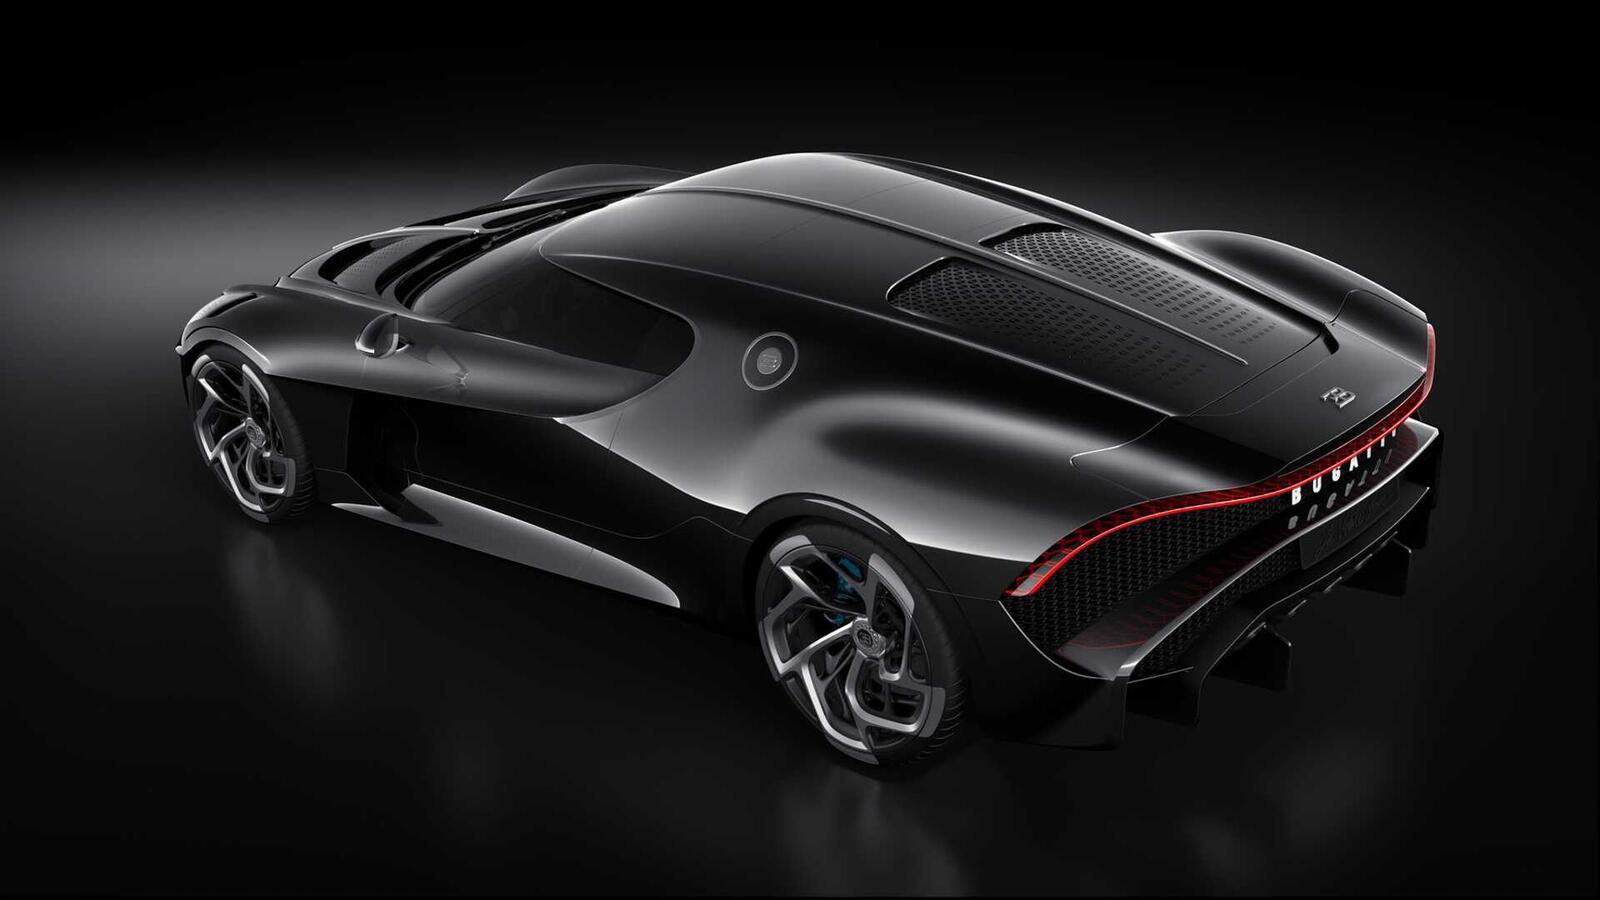 [GMS2019] Siêu phẩm Bugatti La Voatio Noire ra mắt: Chỉ một chiếc được sản xuất; giá hơn 259 tỷ đồng - Hình 14